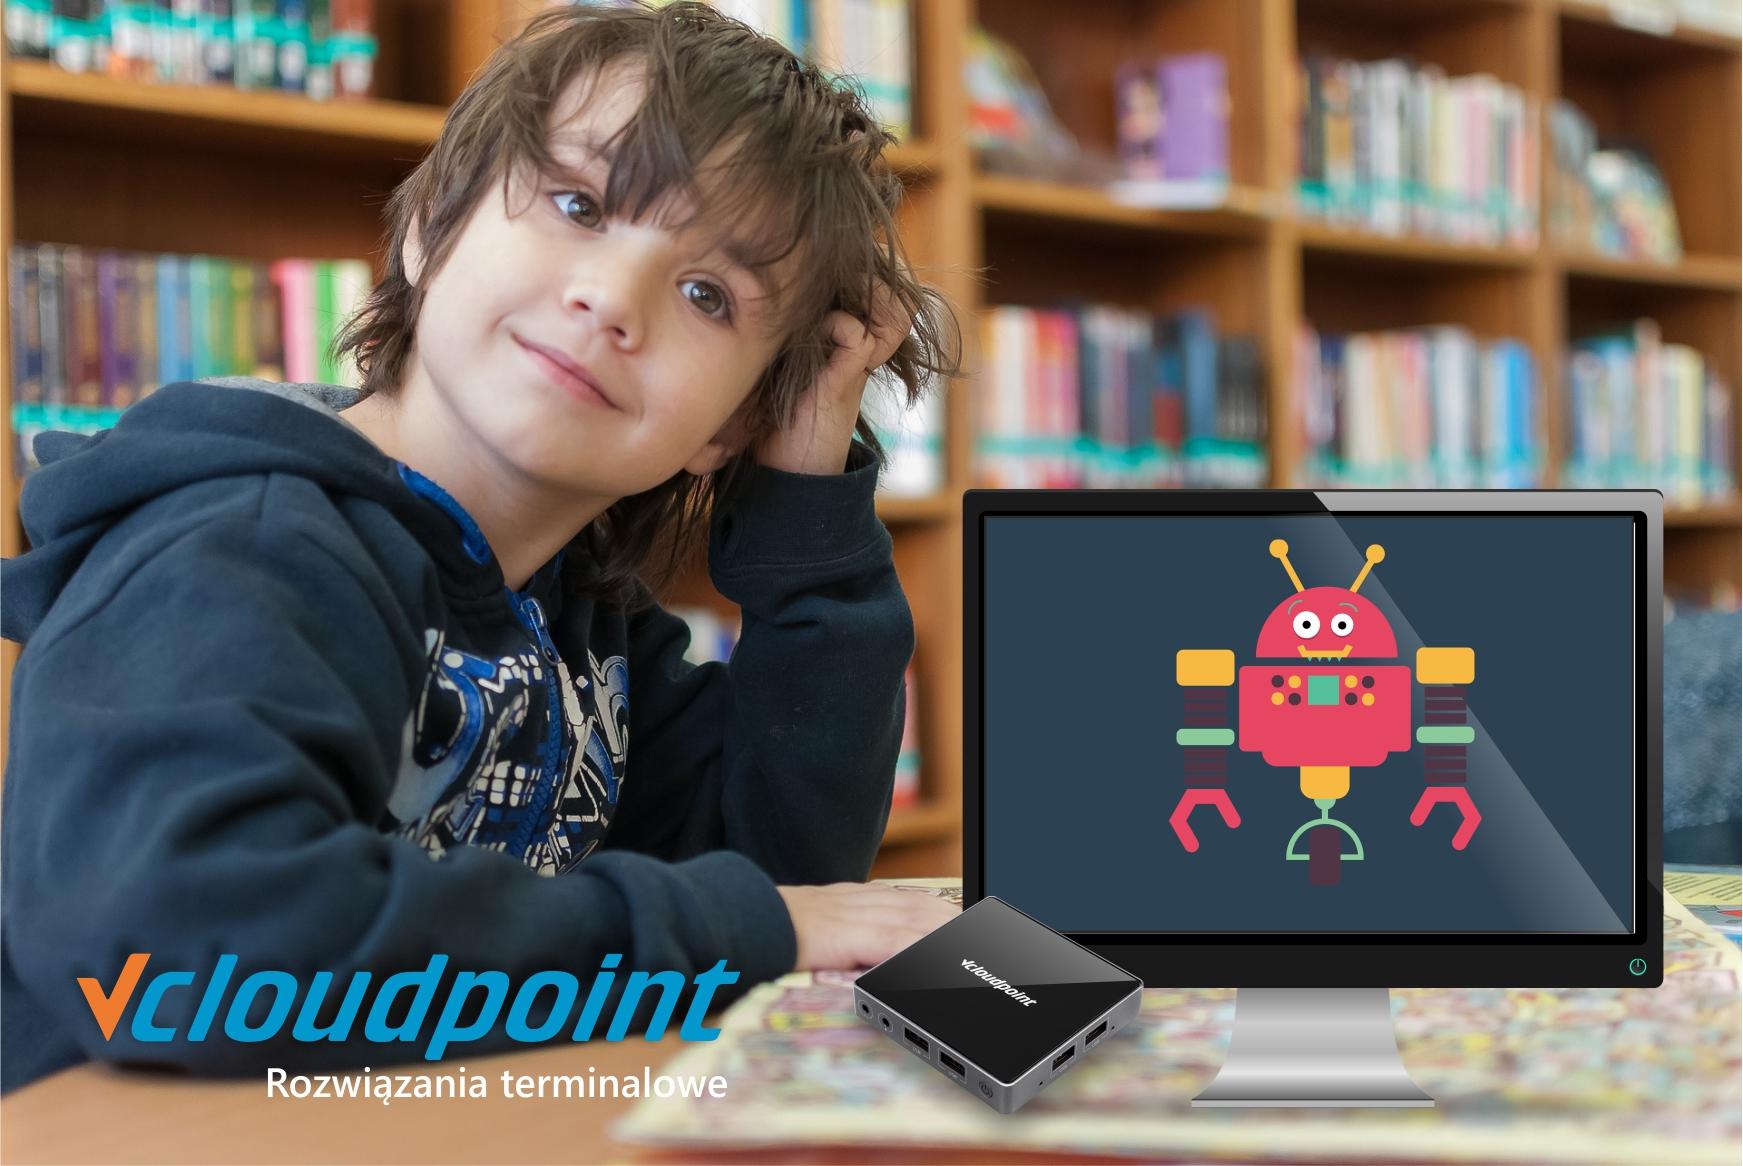 Kraszewski. Komputery dla bibliotek. Terminale vcloudpoint w bibliotece.